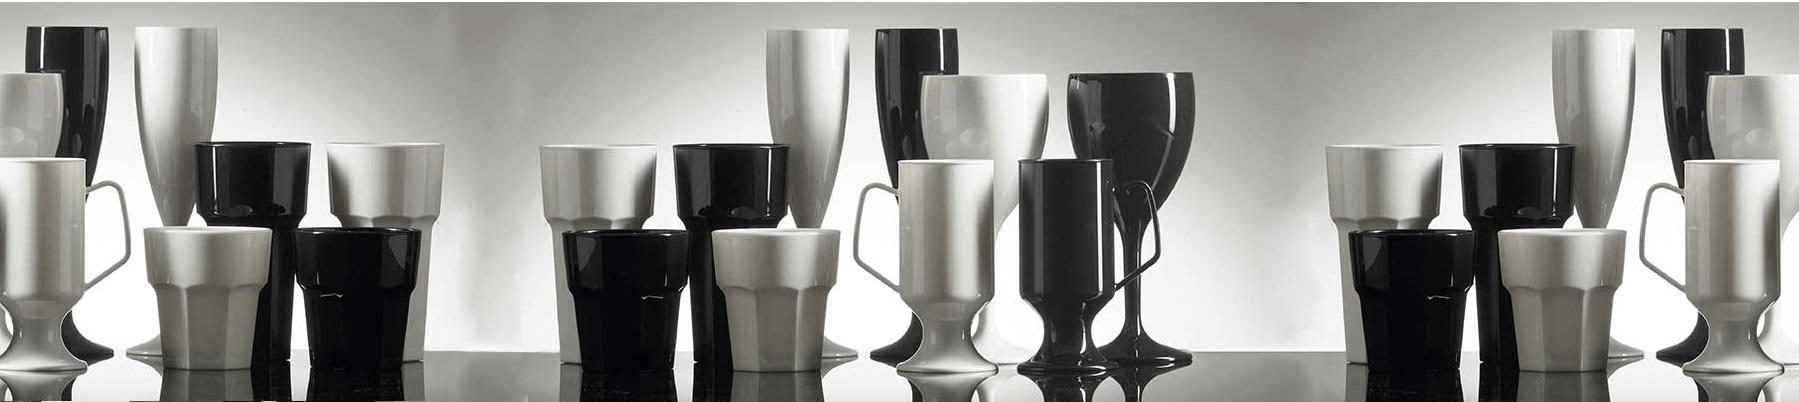 coloured-plastic-glassware-barware - black white